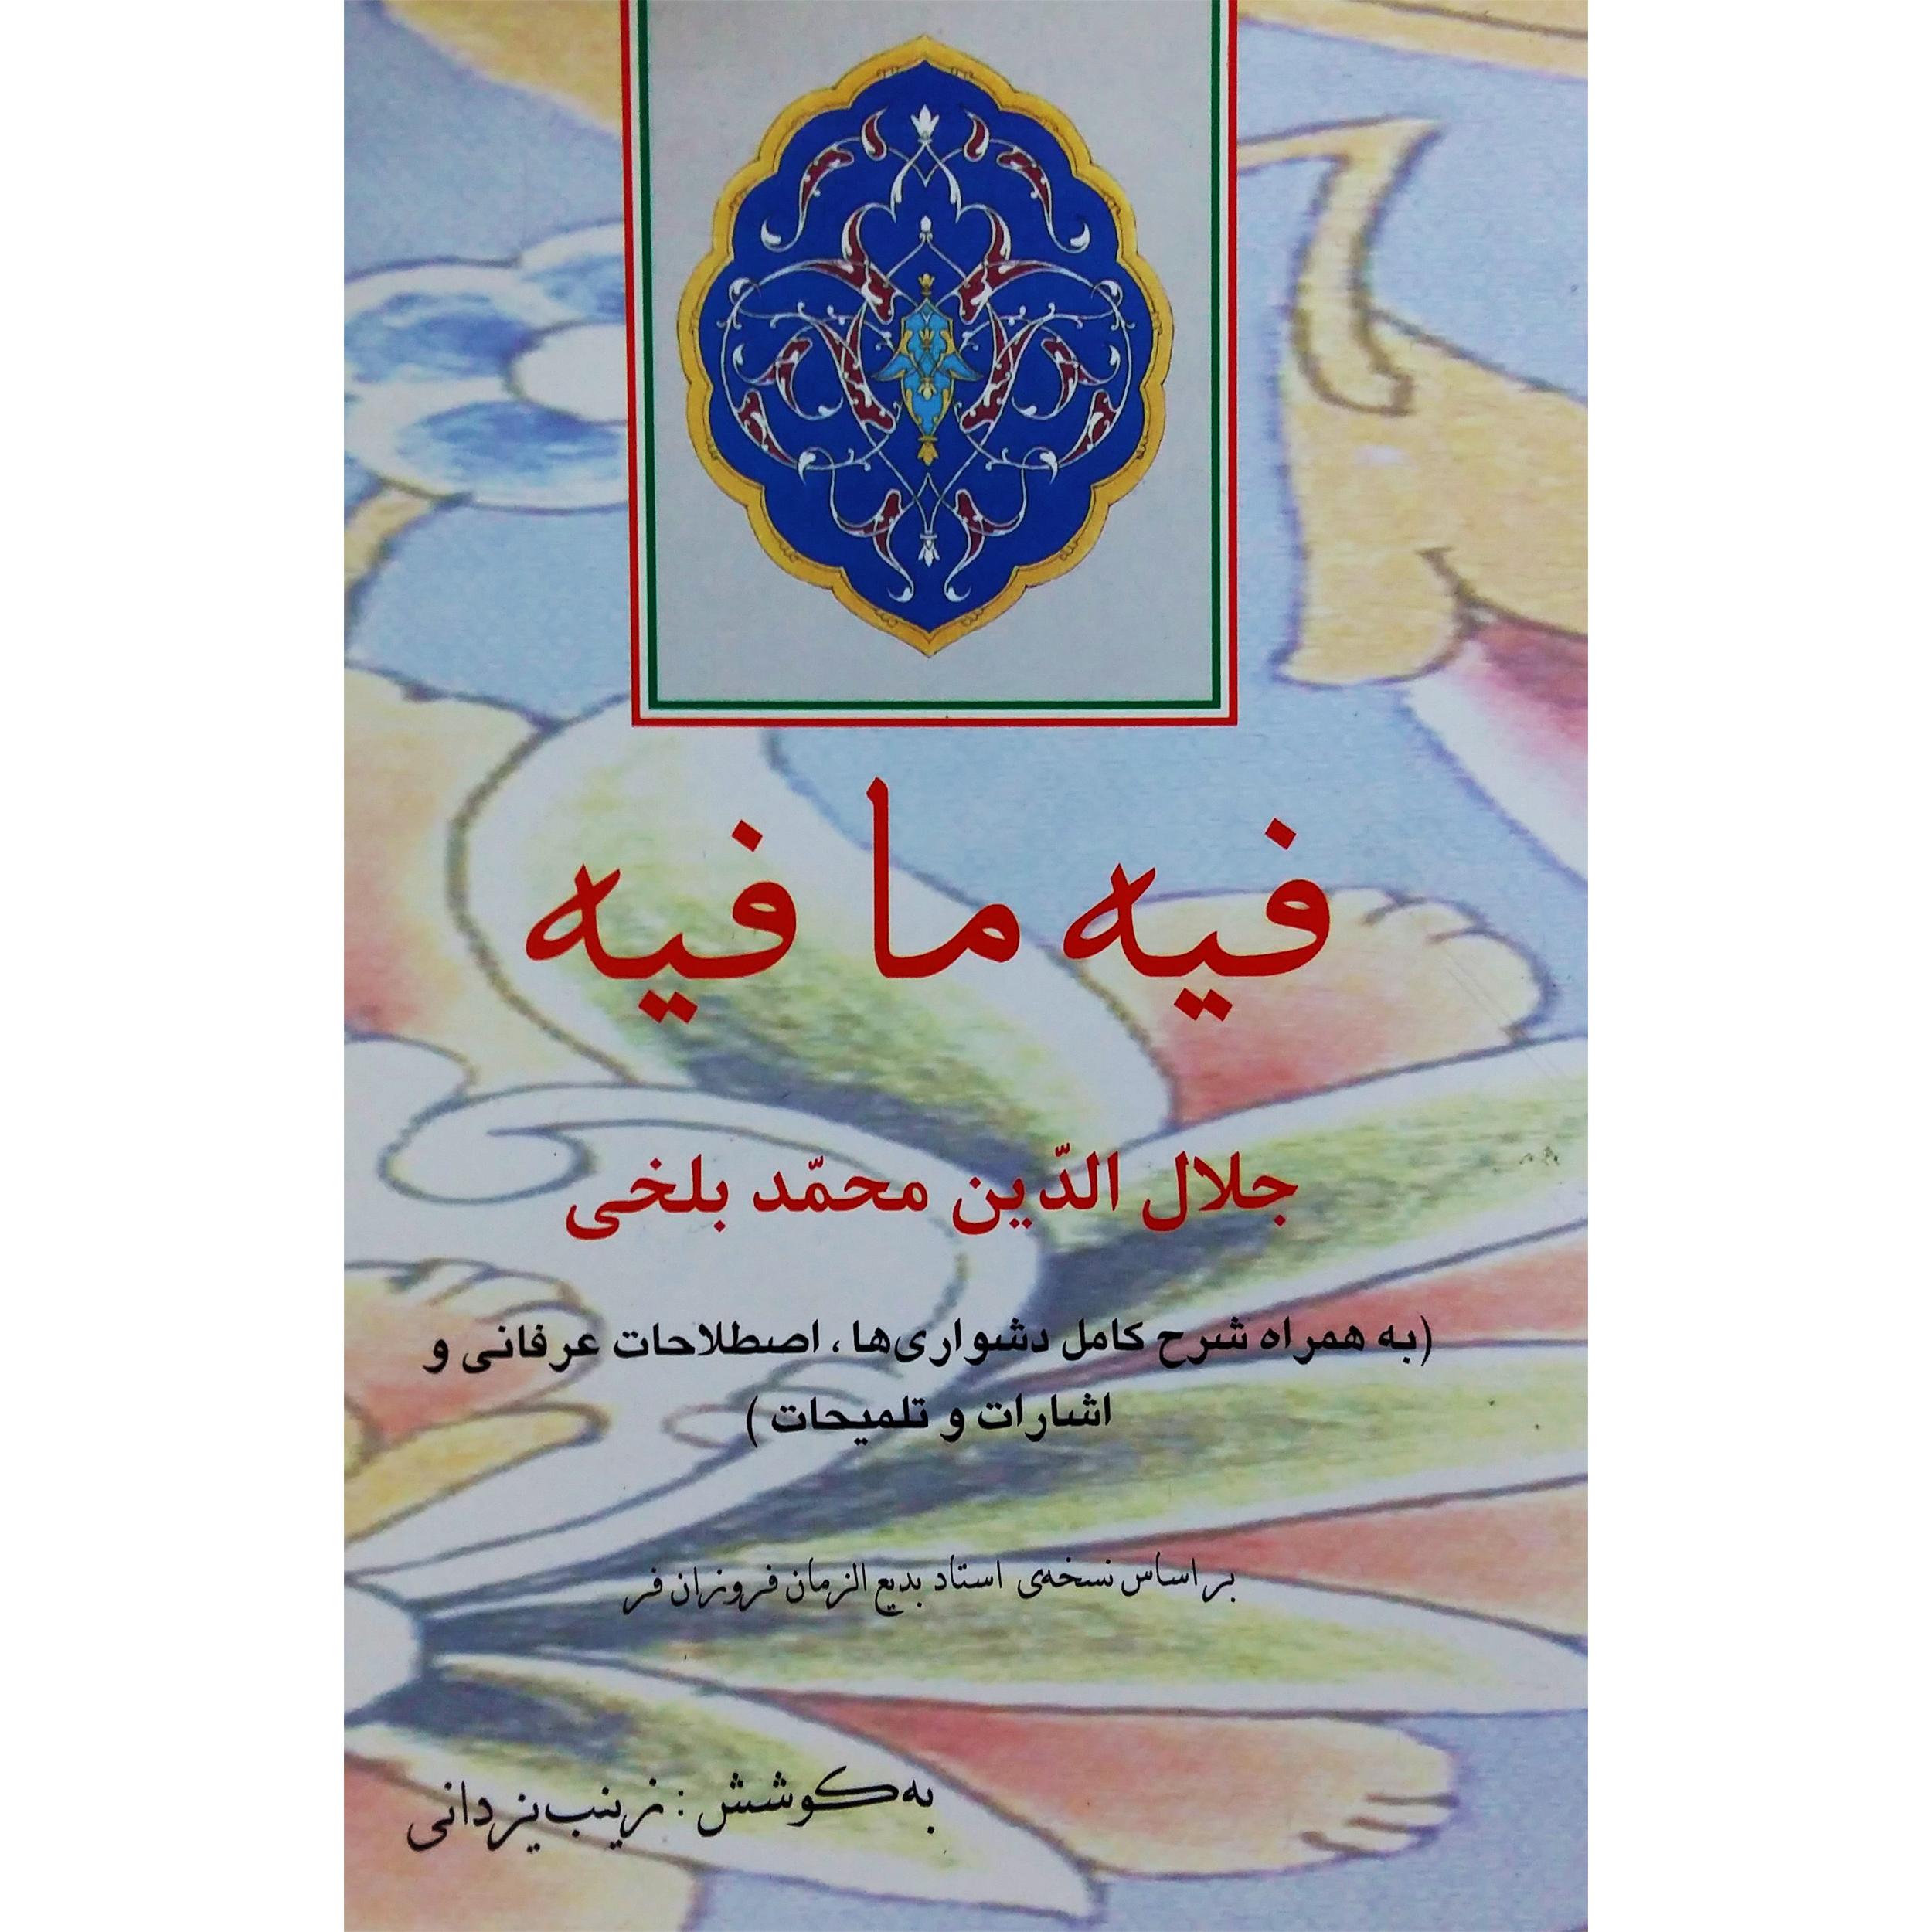 خرید                      کتاب فیه ما فیه به همراه شرح کامل دشواری ها اثر زینب یزدانی نشر تیرگان